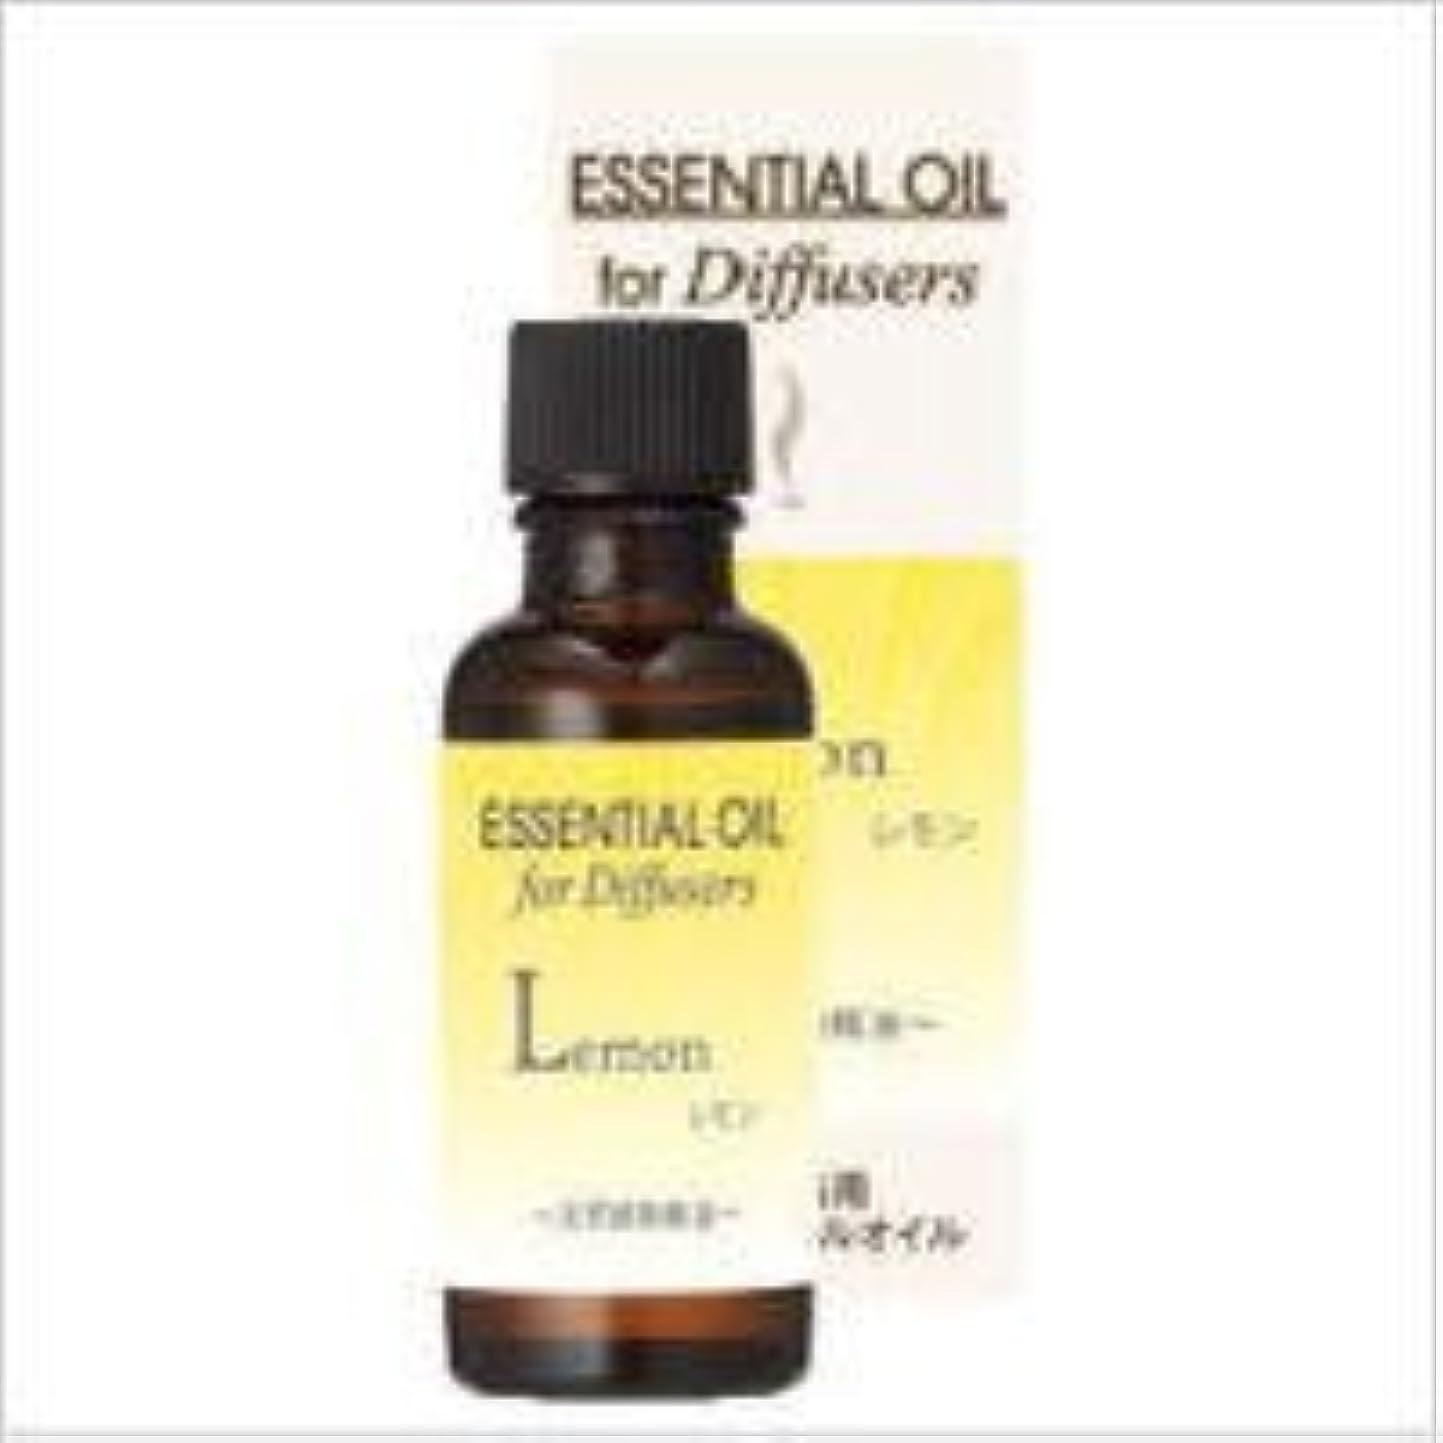 を必要としています限られたまた生活の木 芳香浴用エッセンシャルオイル レモン[30ml] エッセンシャルオイル/精油